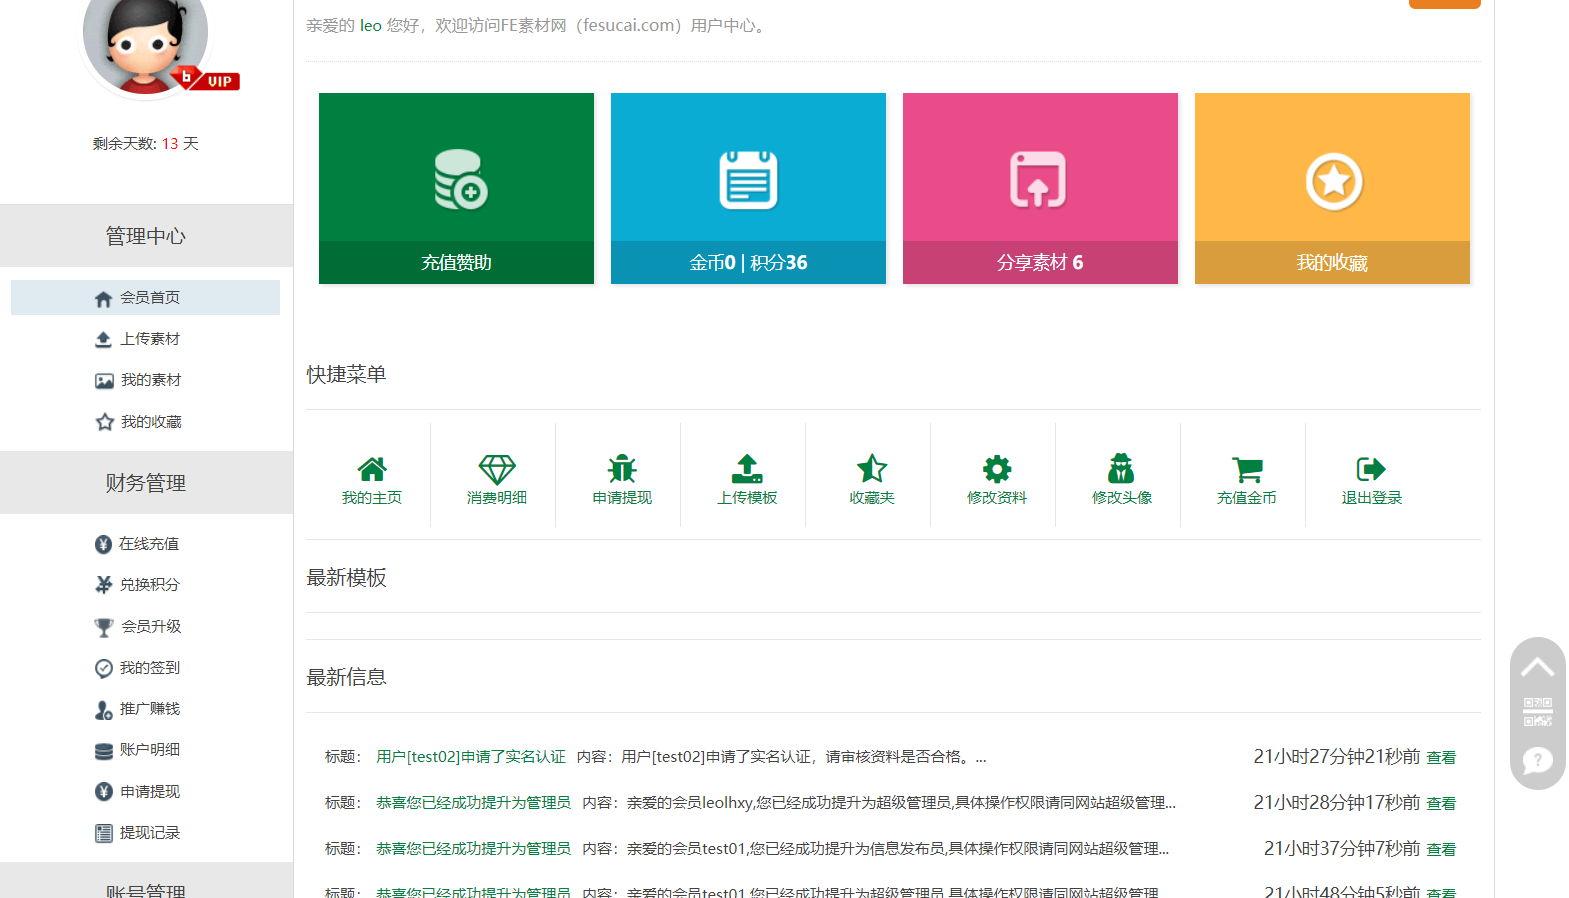 【dedecms】虚拟素材资源源码商城可运营版网站系统源码 带个人免签+支付宝官方支付-爱资源分享